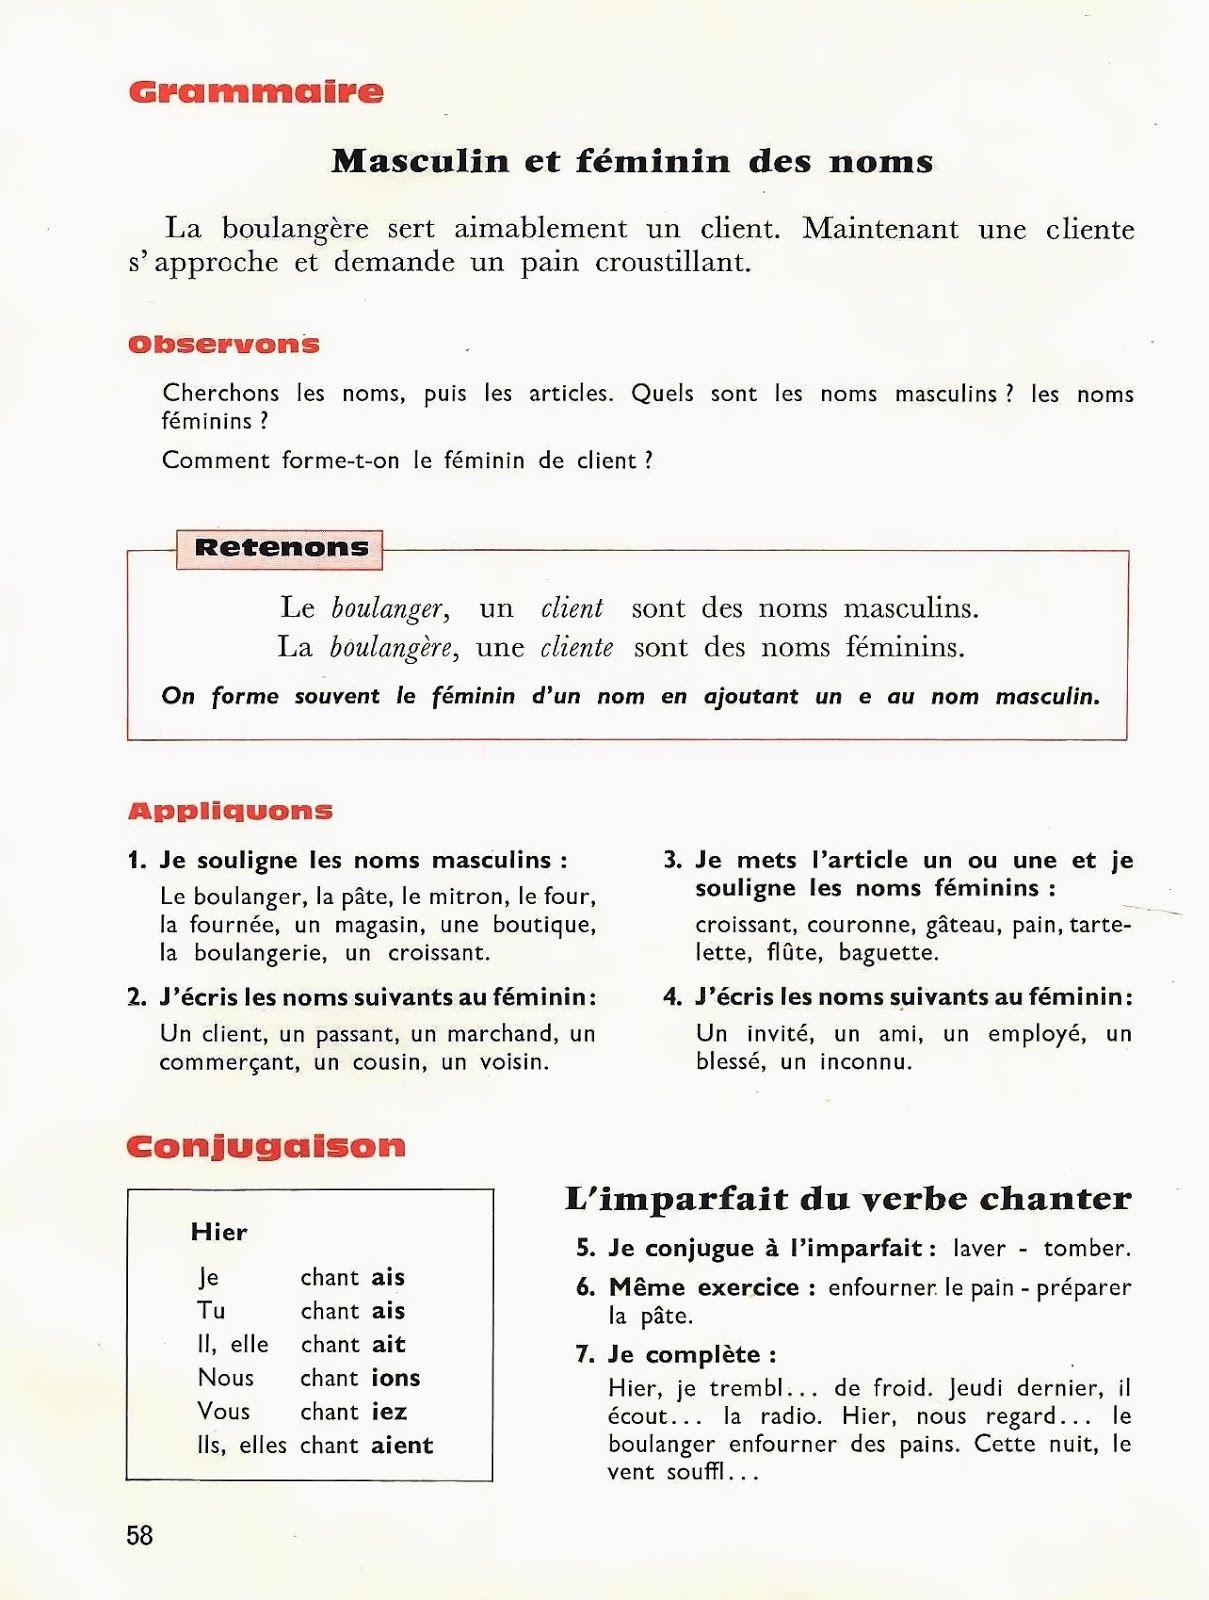 Toraille A La Conquete De Notre Langue Ce1 1965 Grandes Images En 2020 Ce1 Grammaire Nom Masculin